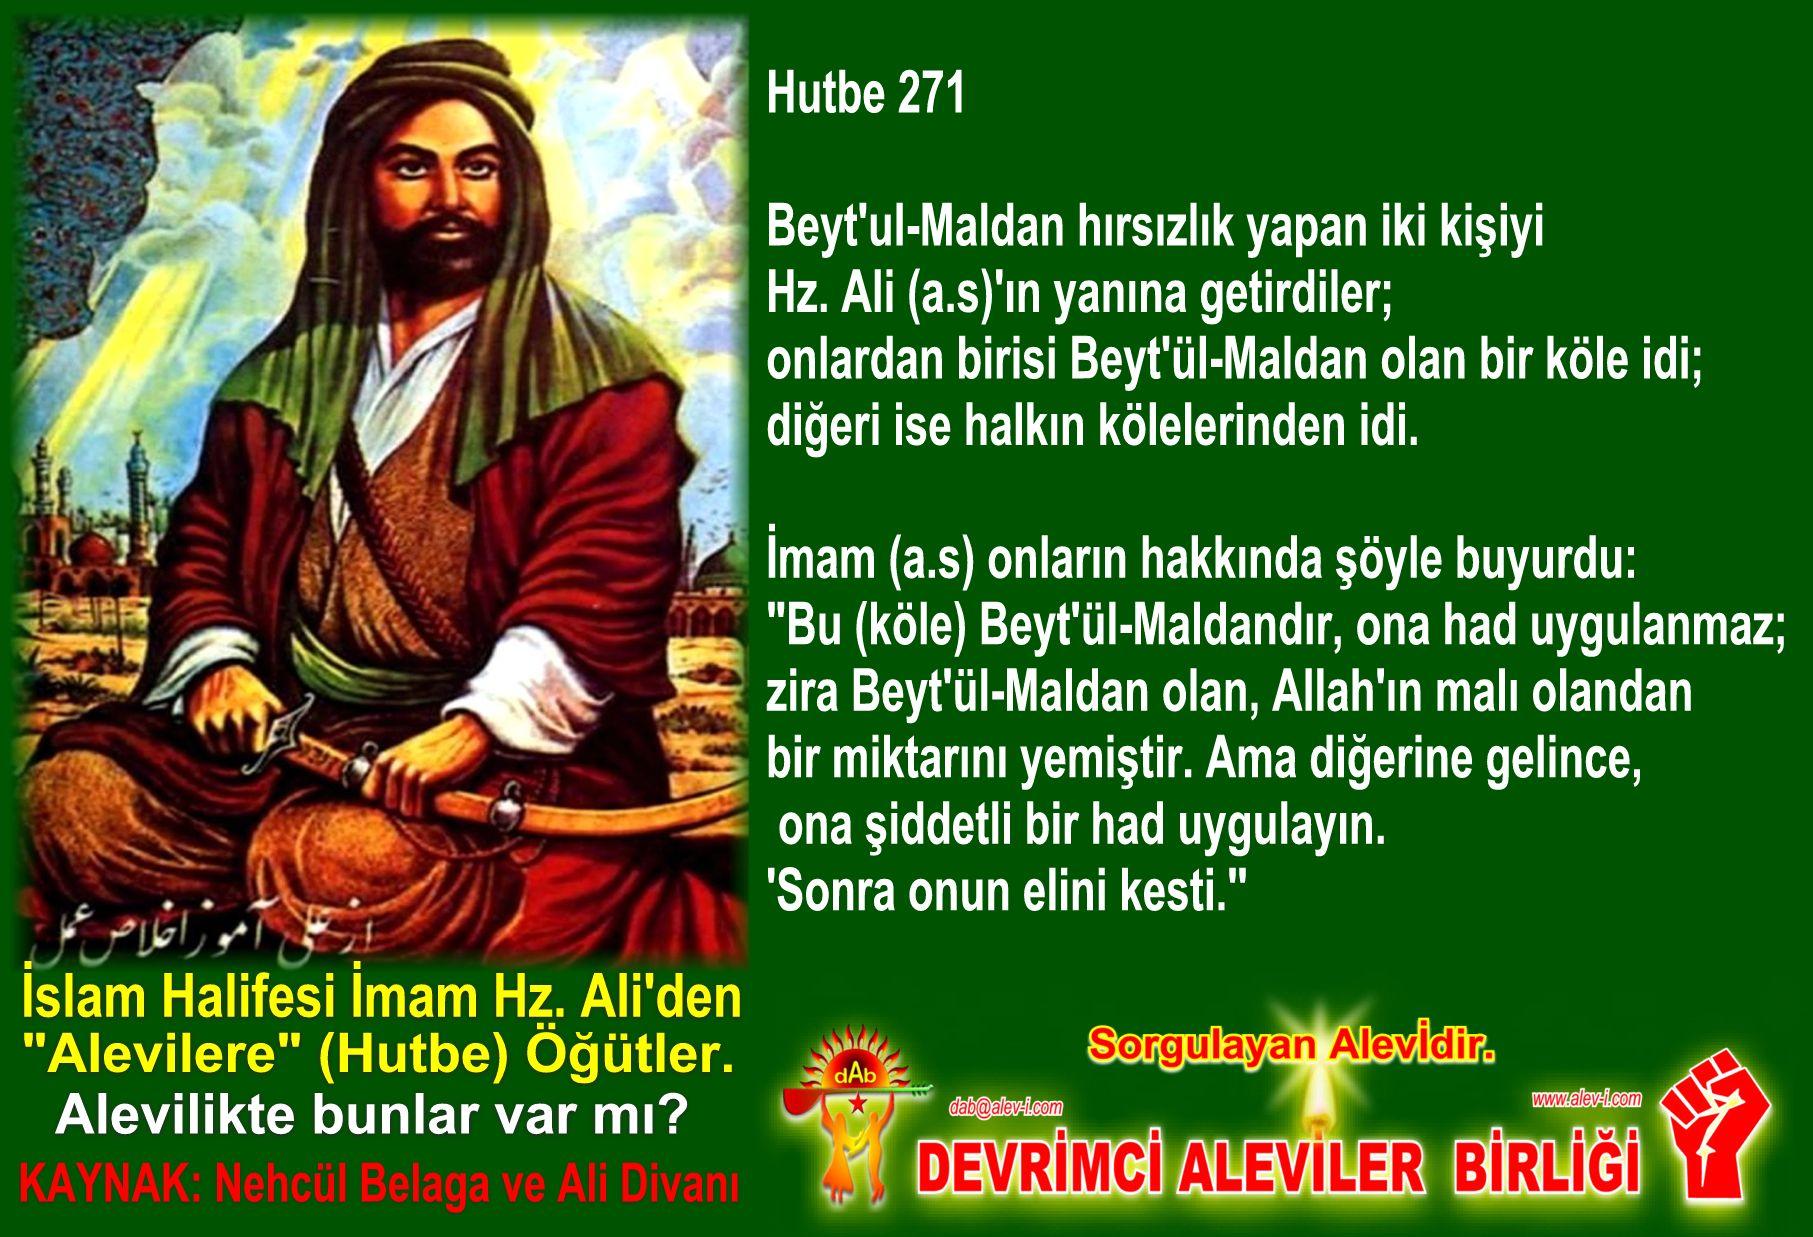 Devrimci Aleviler Birliği DAB Alevi Kızılbaş Bektaşi pir sultan cem hz Ali 12 imam semah Feramuz Şah Acar halife imam hz ali den hutbe ogut inciler 10